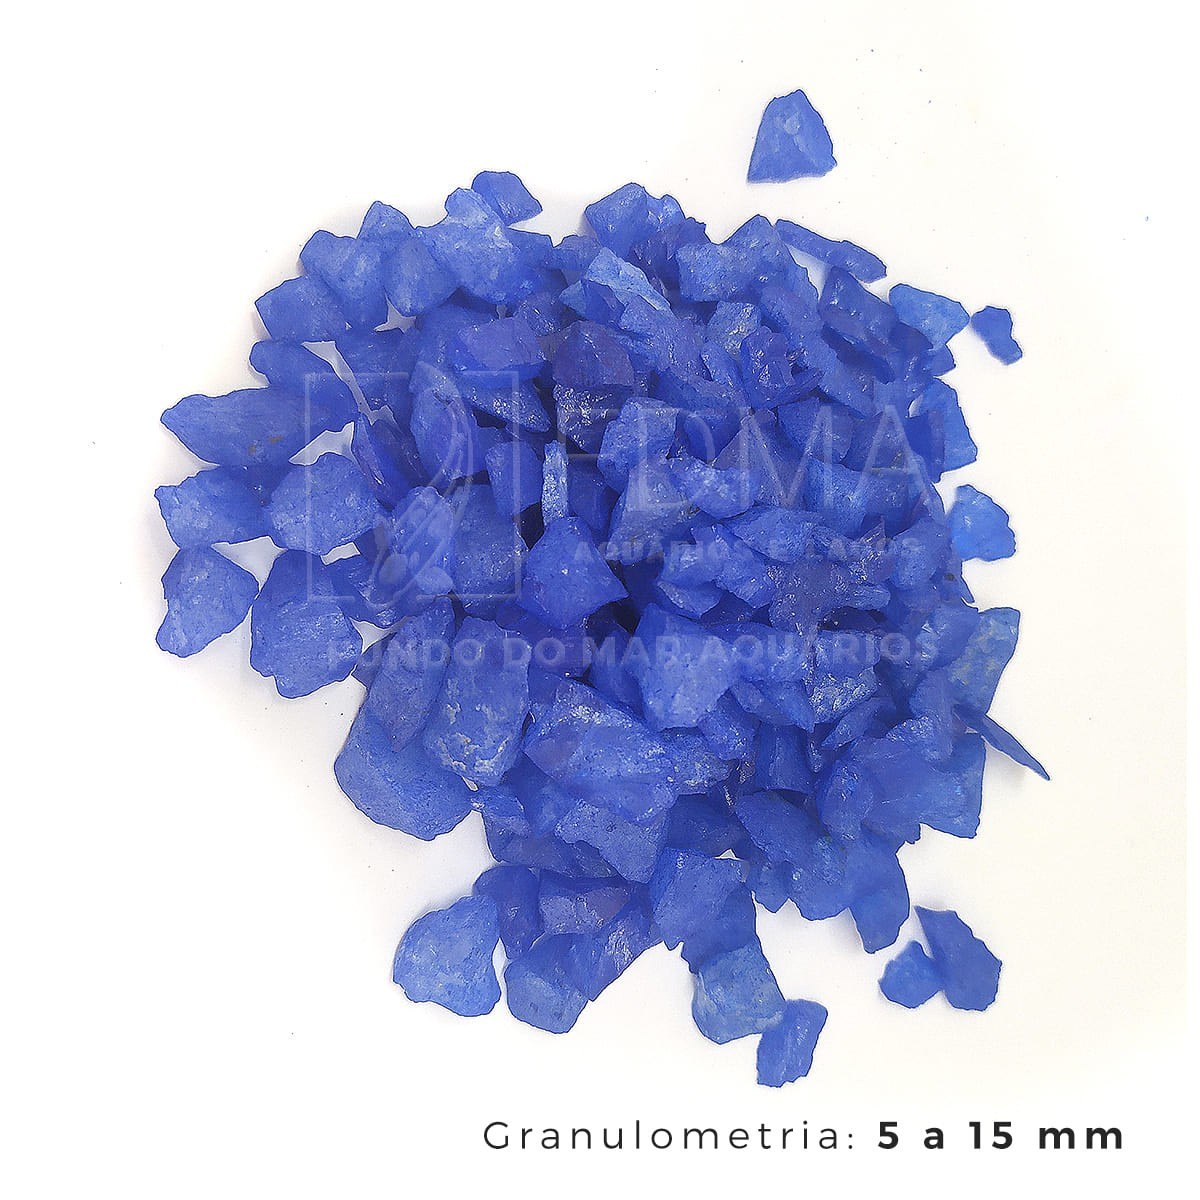 Cristal Quartzo Decoração Aquários e jardins Azul Escuro 1kg